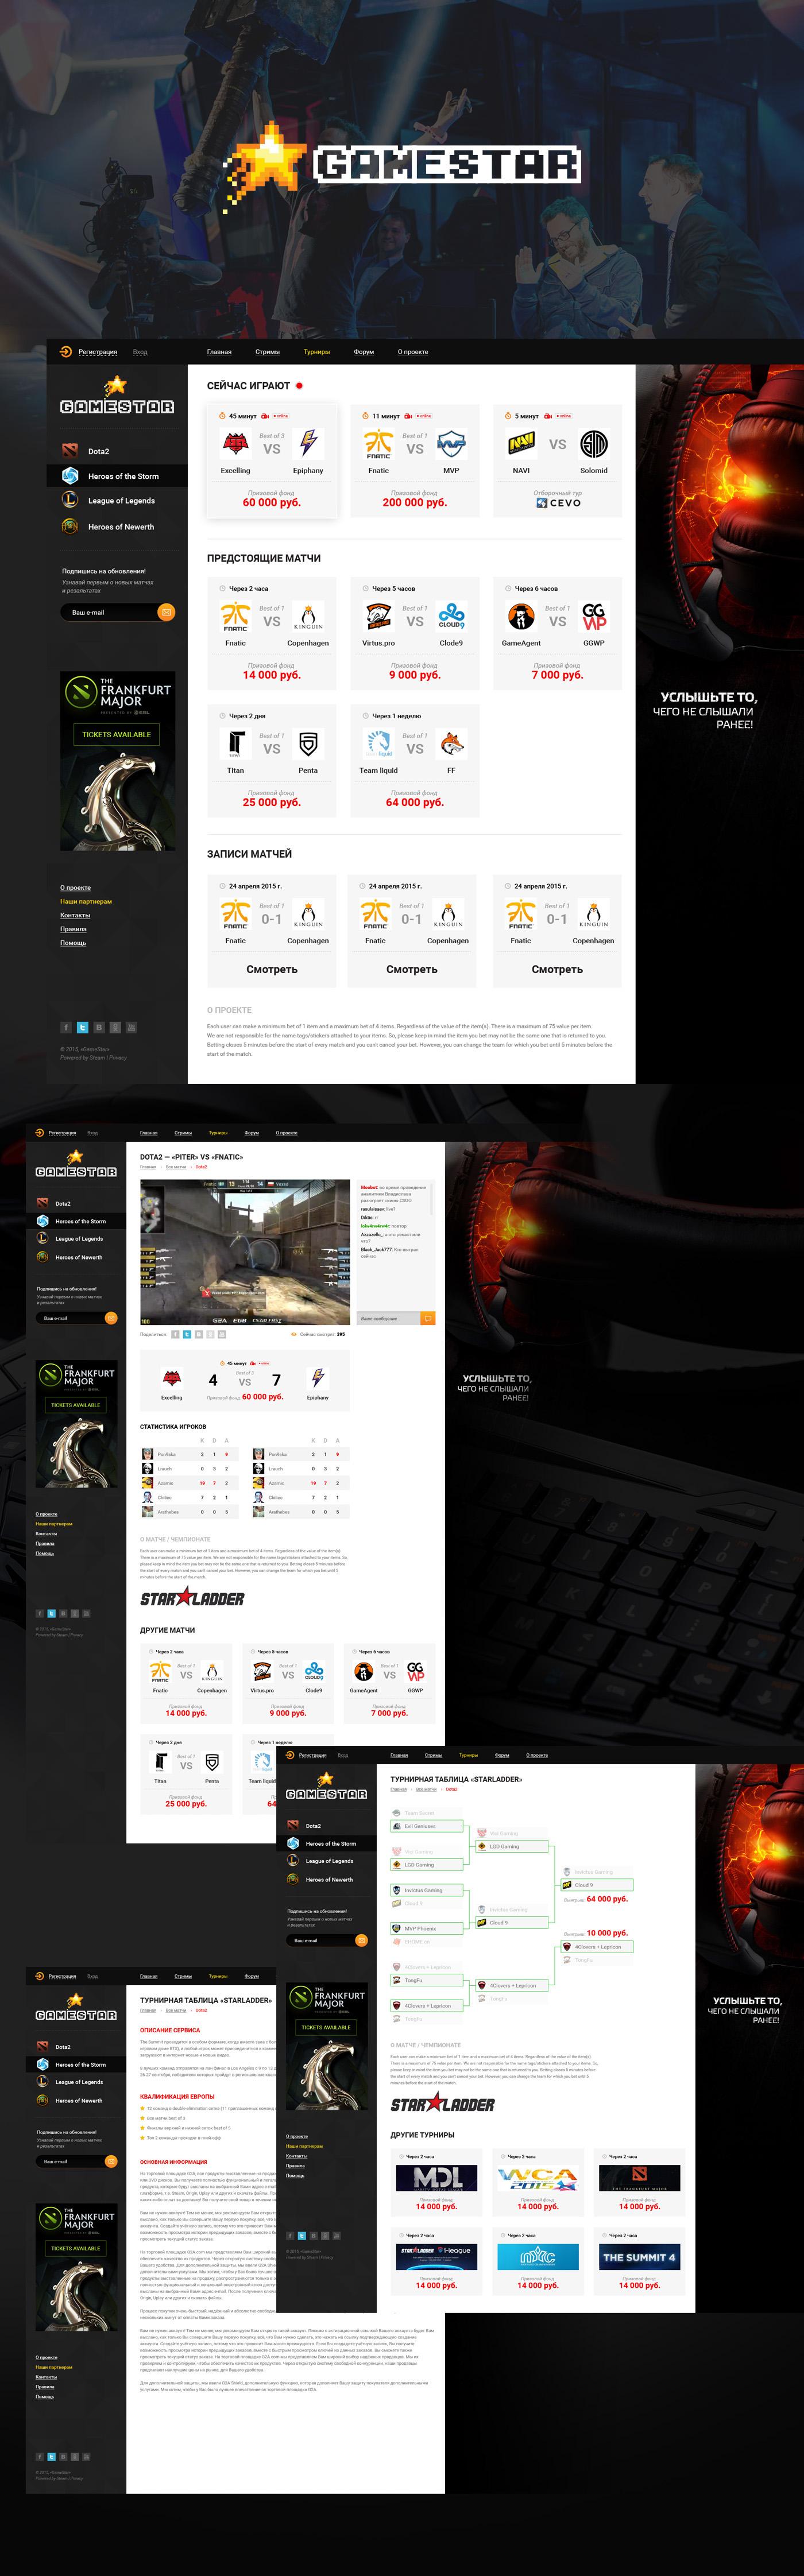 GameStar - турниры и стримы по играм